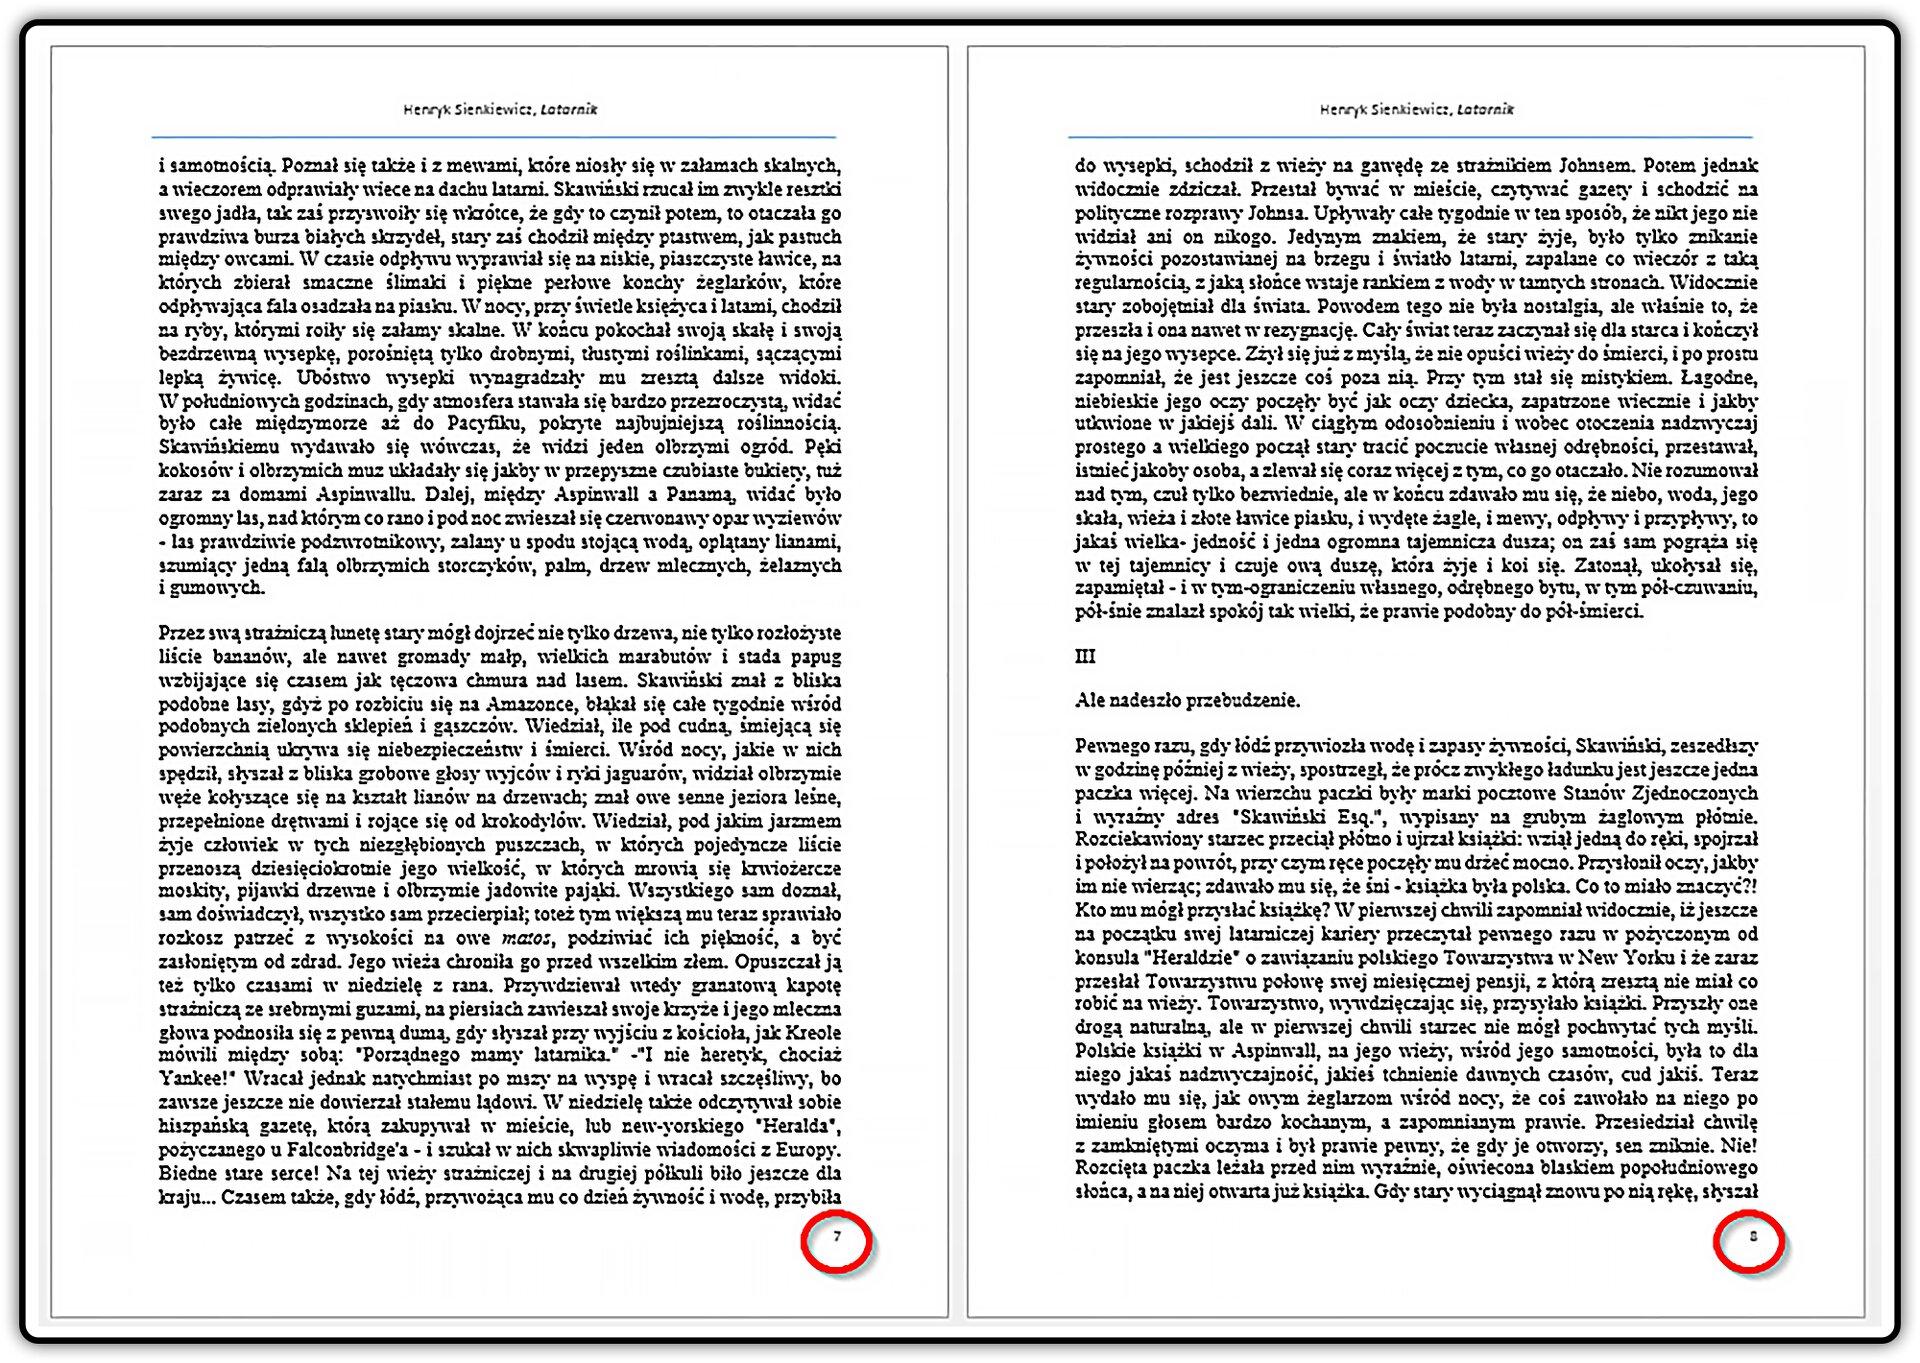 Slajd 2 galerii dokumentów zprzykładowym rozwiązaniem